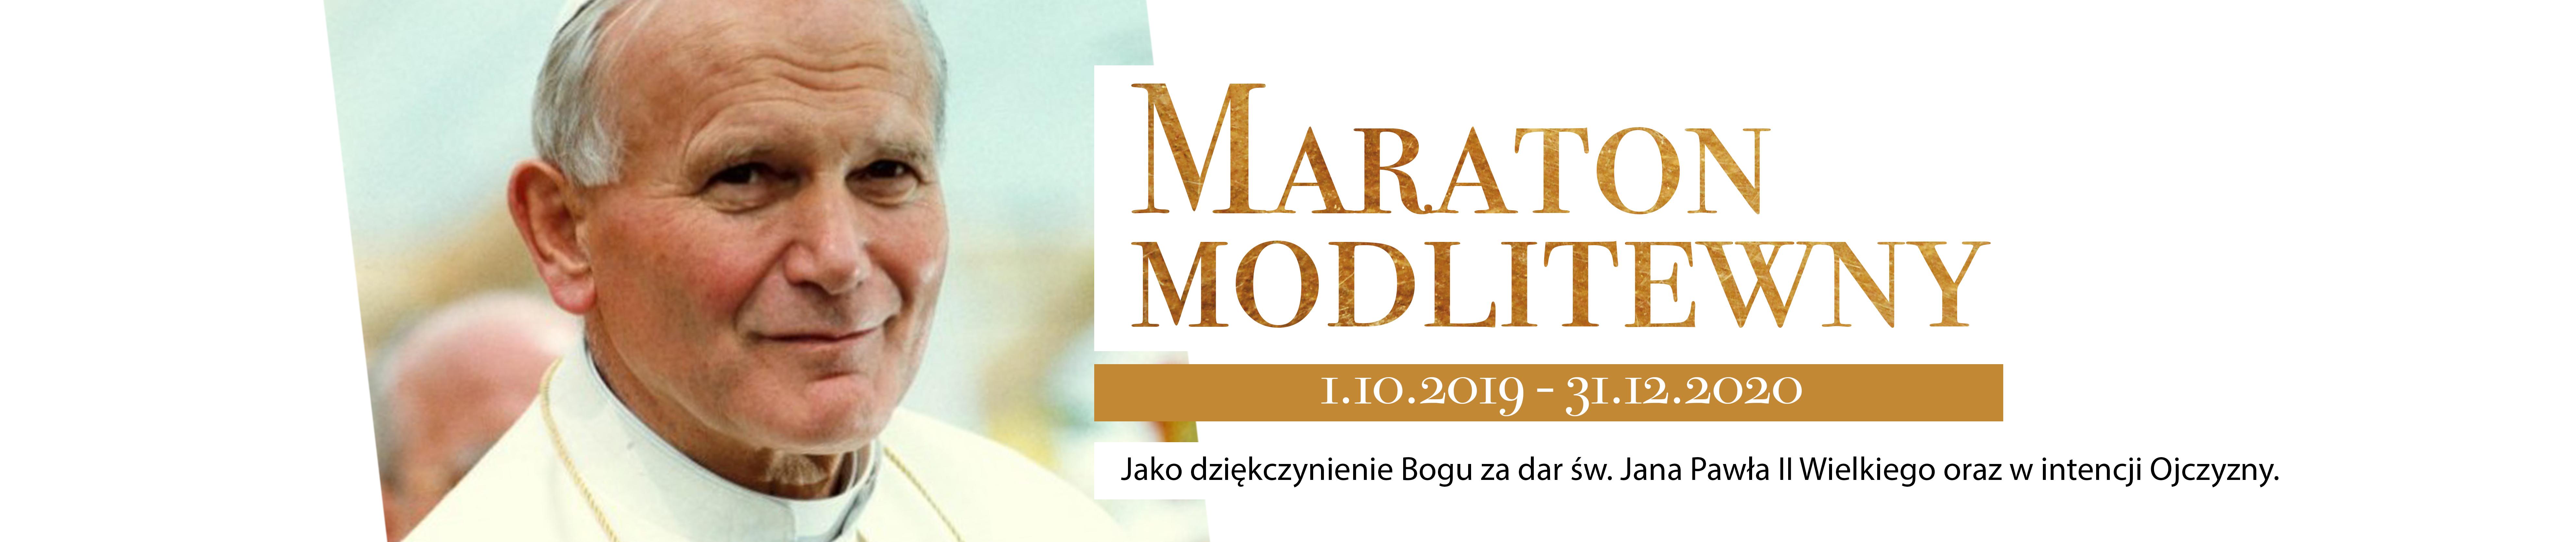 """W Archidiecezji Krakowskiej trwa """"Maraton modlitewny"""" za Kościół i Ojczyznę"""